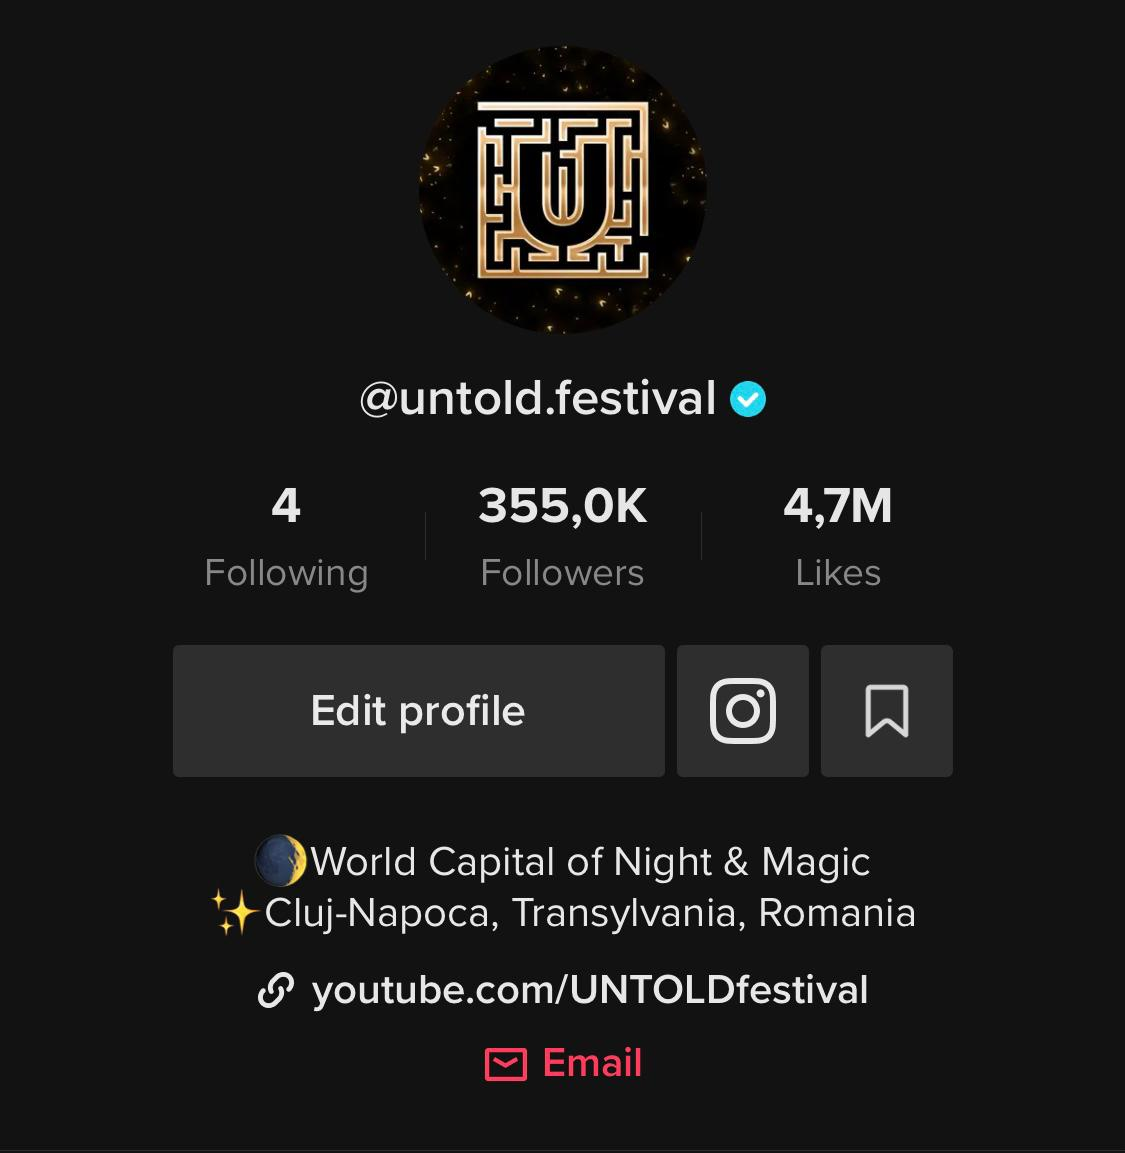 UNTOLD este cel mai urmărit brand românesc în întreaga lume pe TikTok